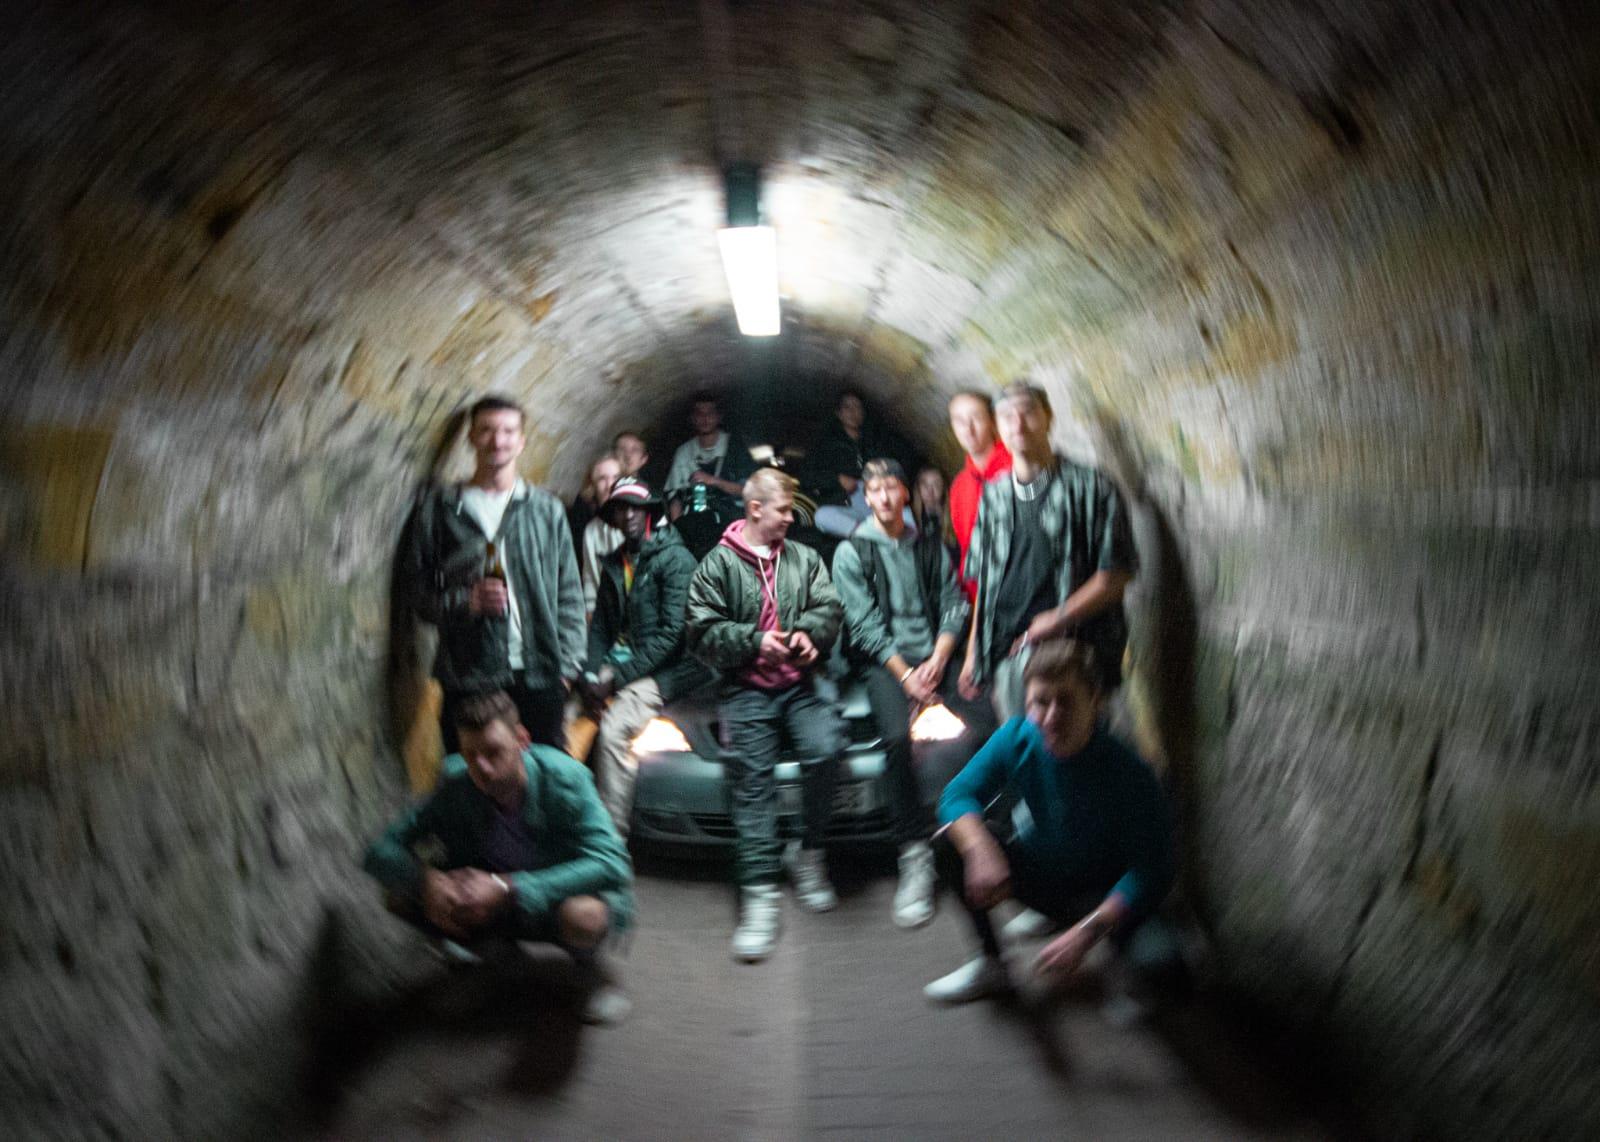 Upcoming: Basti Rhymes - OKF